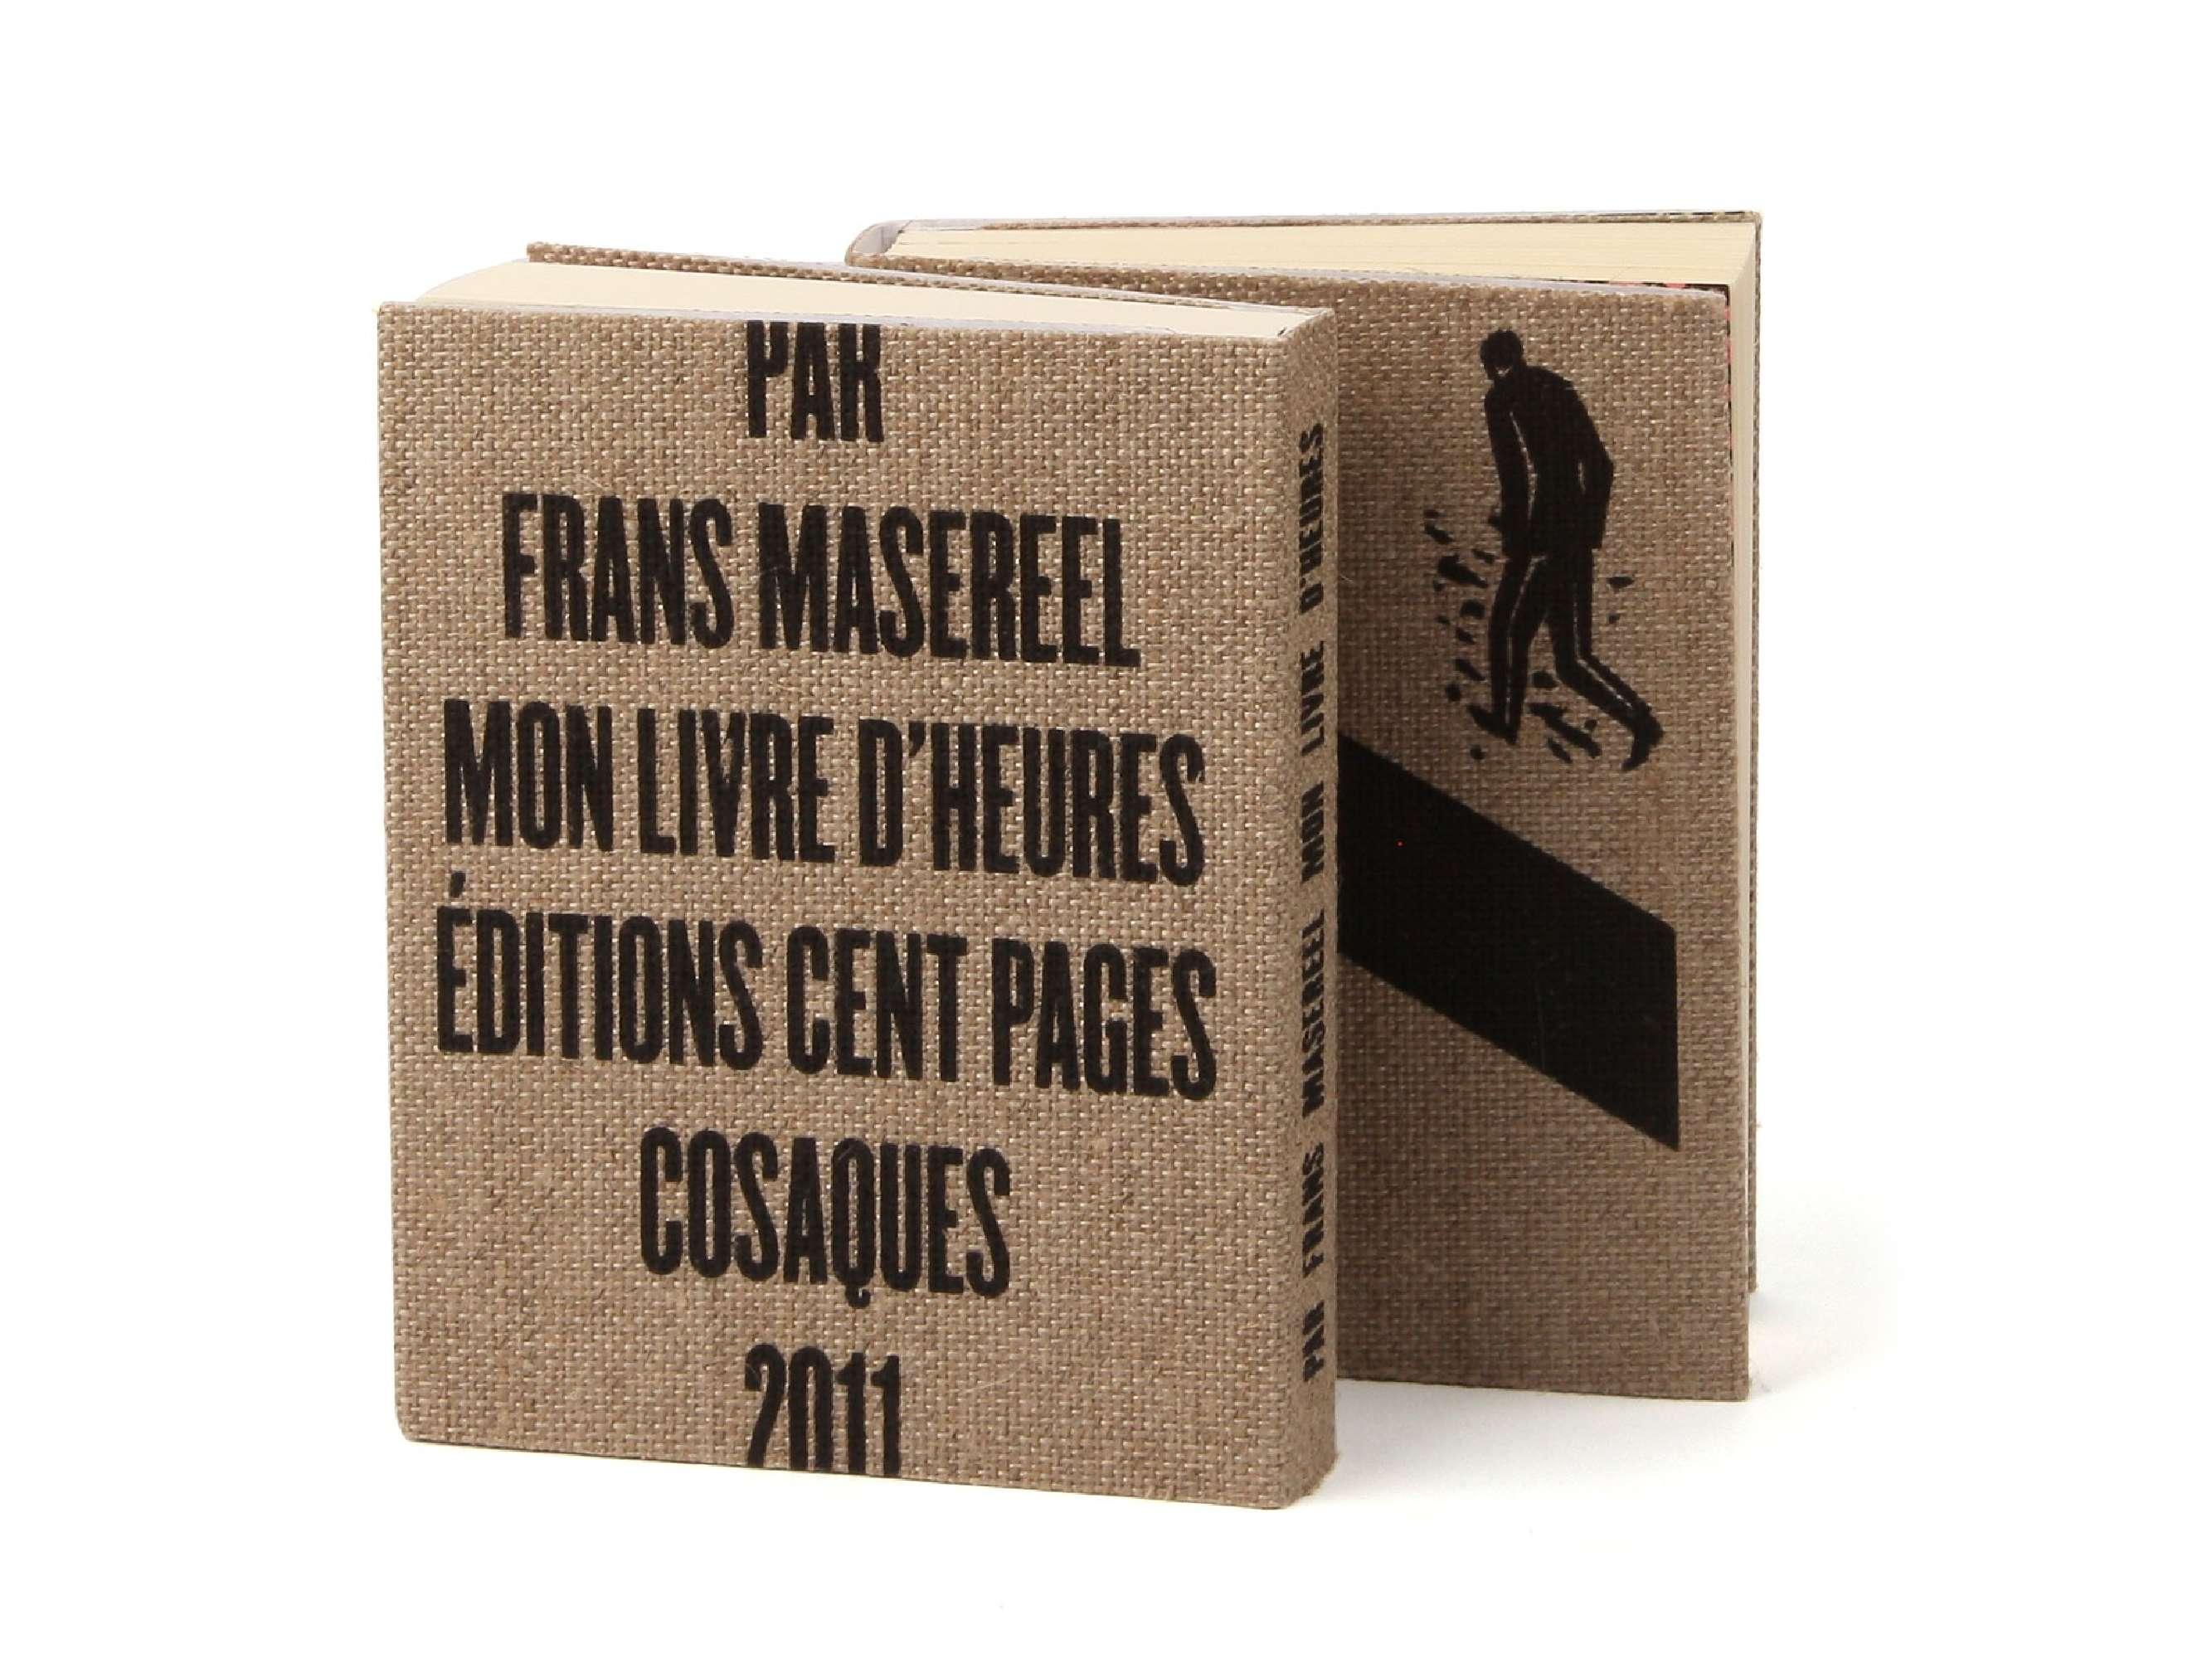 Éditions cent pages Frans Masereel SP Millot Mon livre d'heures